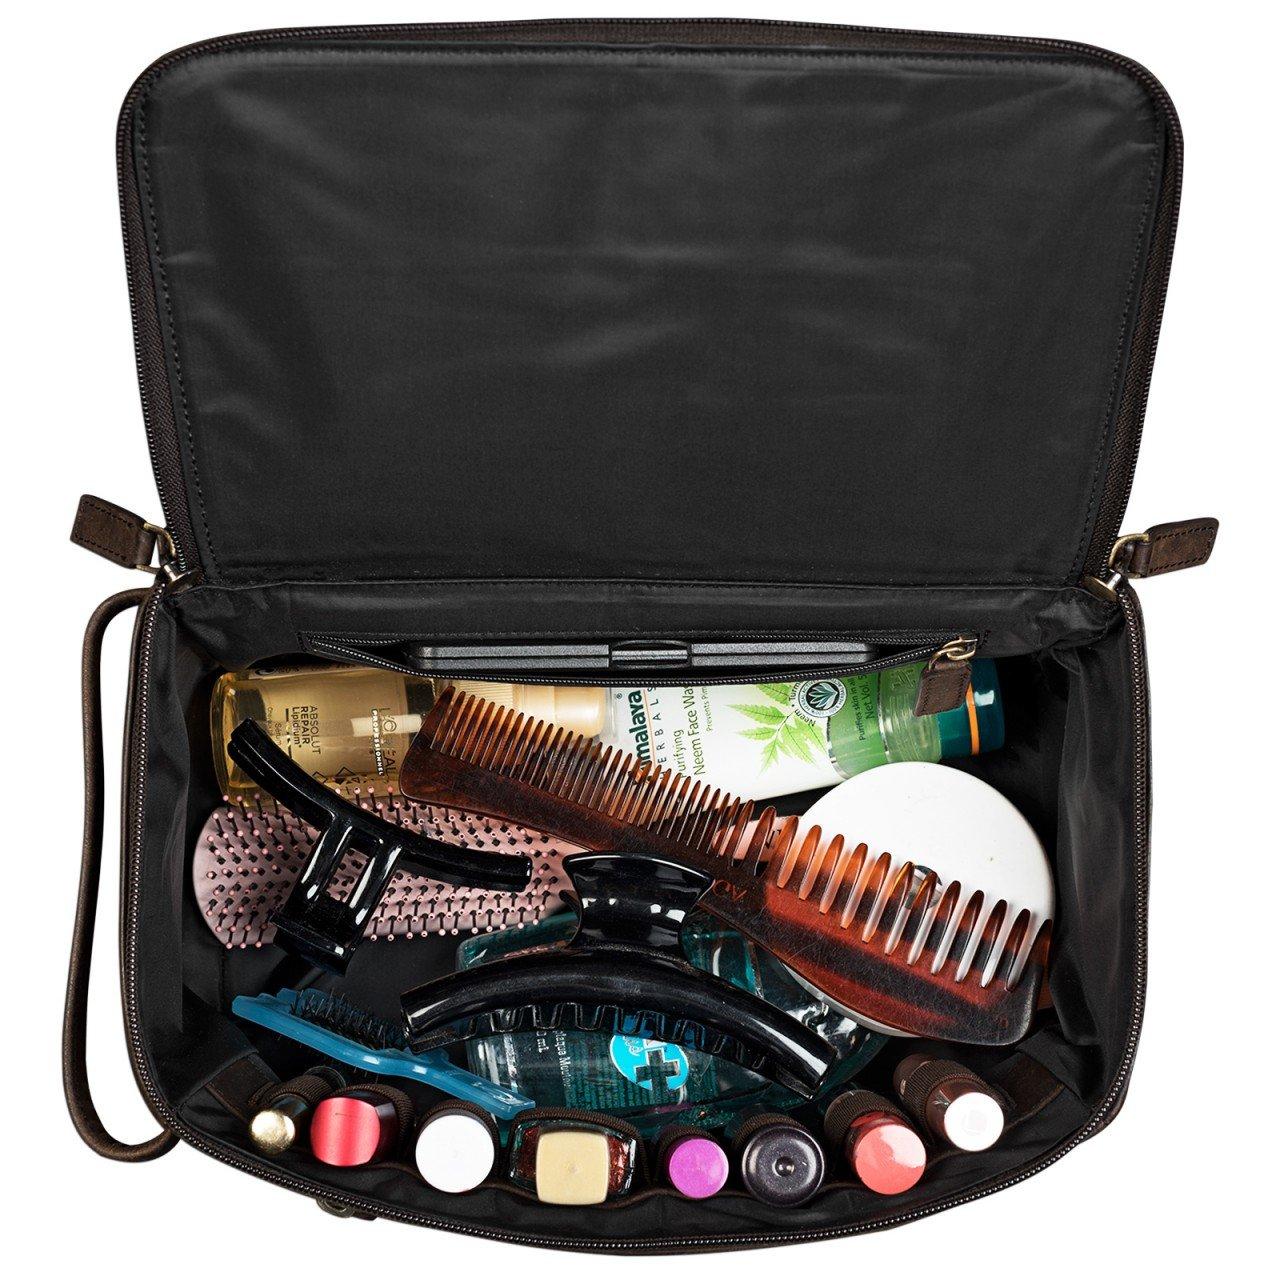 Couleur:Marron Acajou STILORD Mona Vintage Trousse de Maquillage Cuir pour Femmes Sac de Voyage pour Trousse de Toilette Sac de Lavage